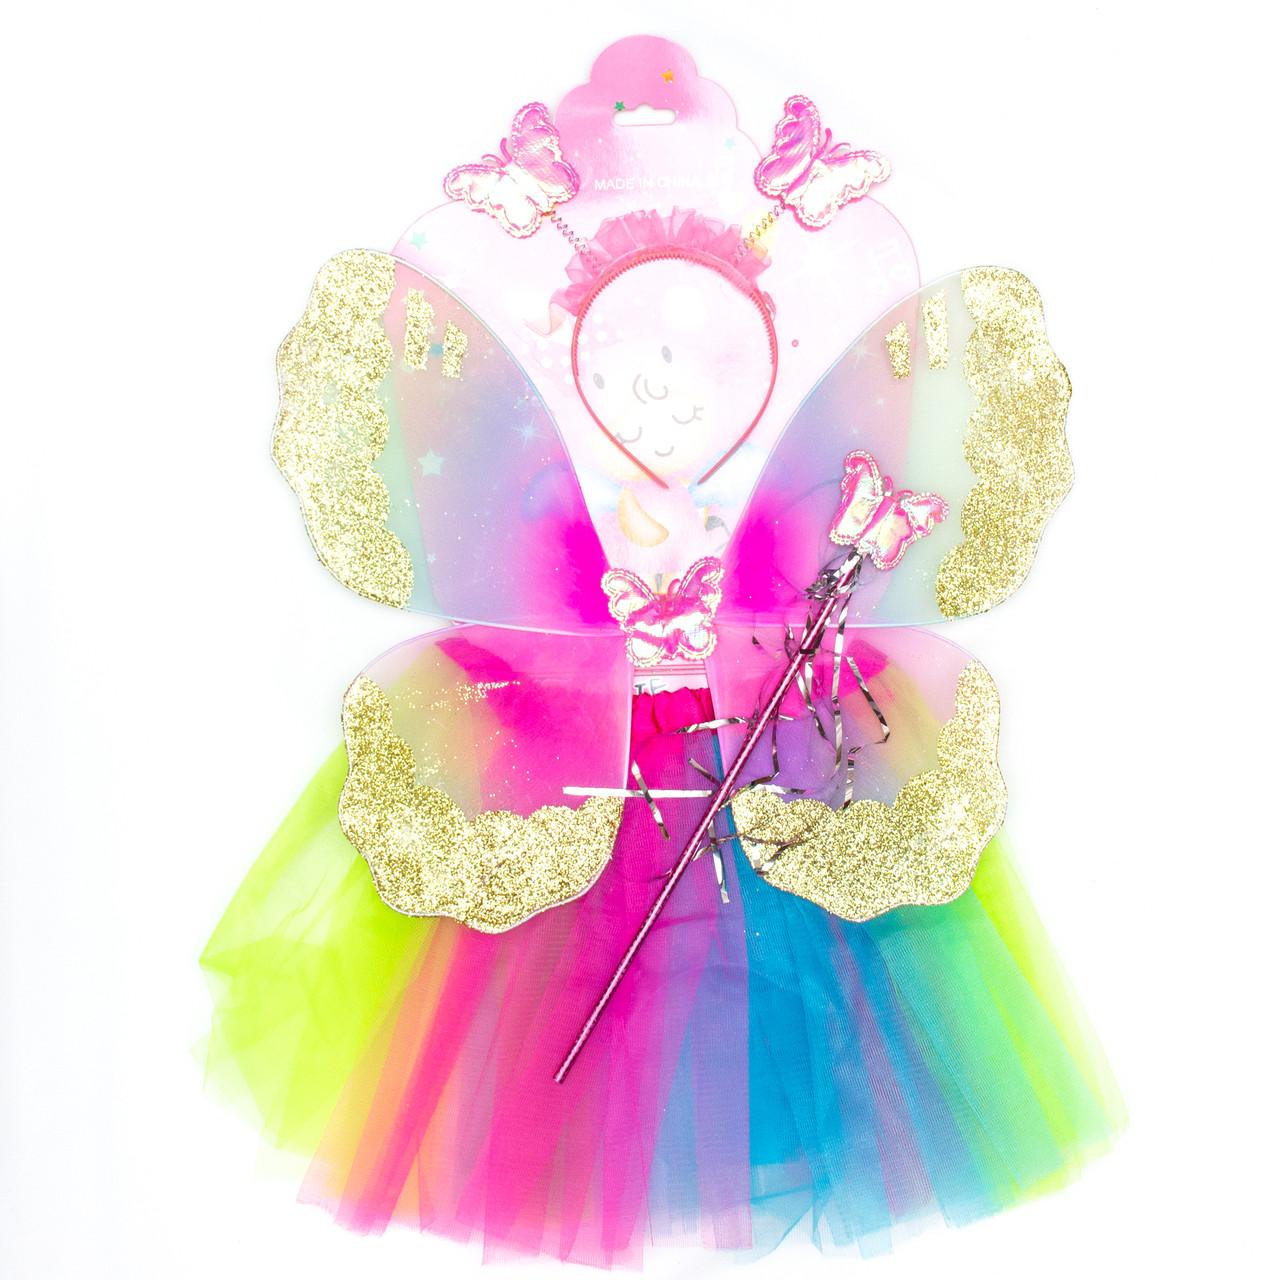 Карнавальный костюм - бабочка, разноцветный, юбочка, крылья, тиара, волшебная палочка (513580-2)